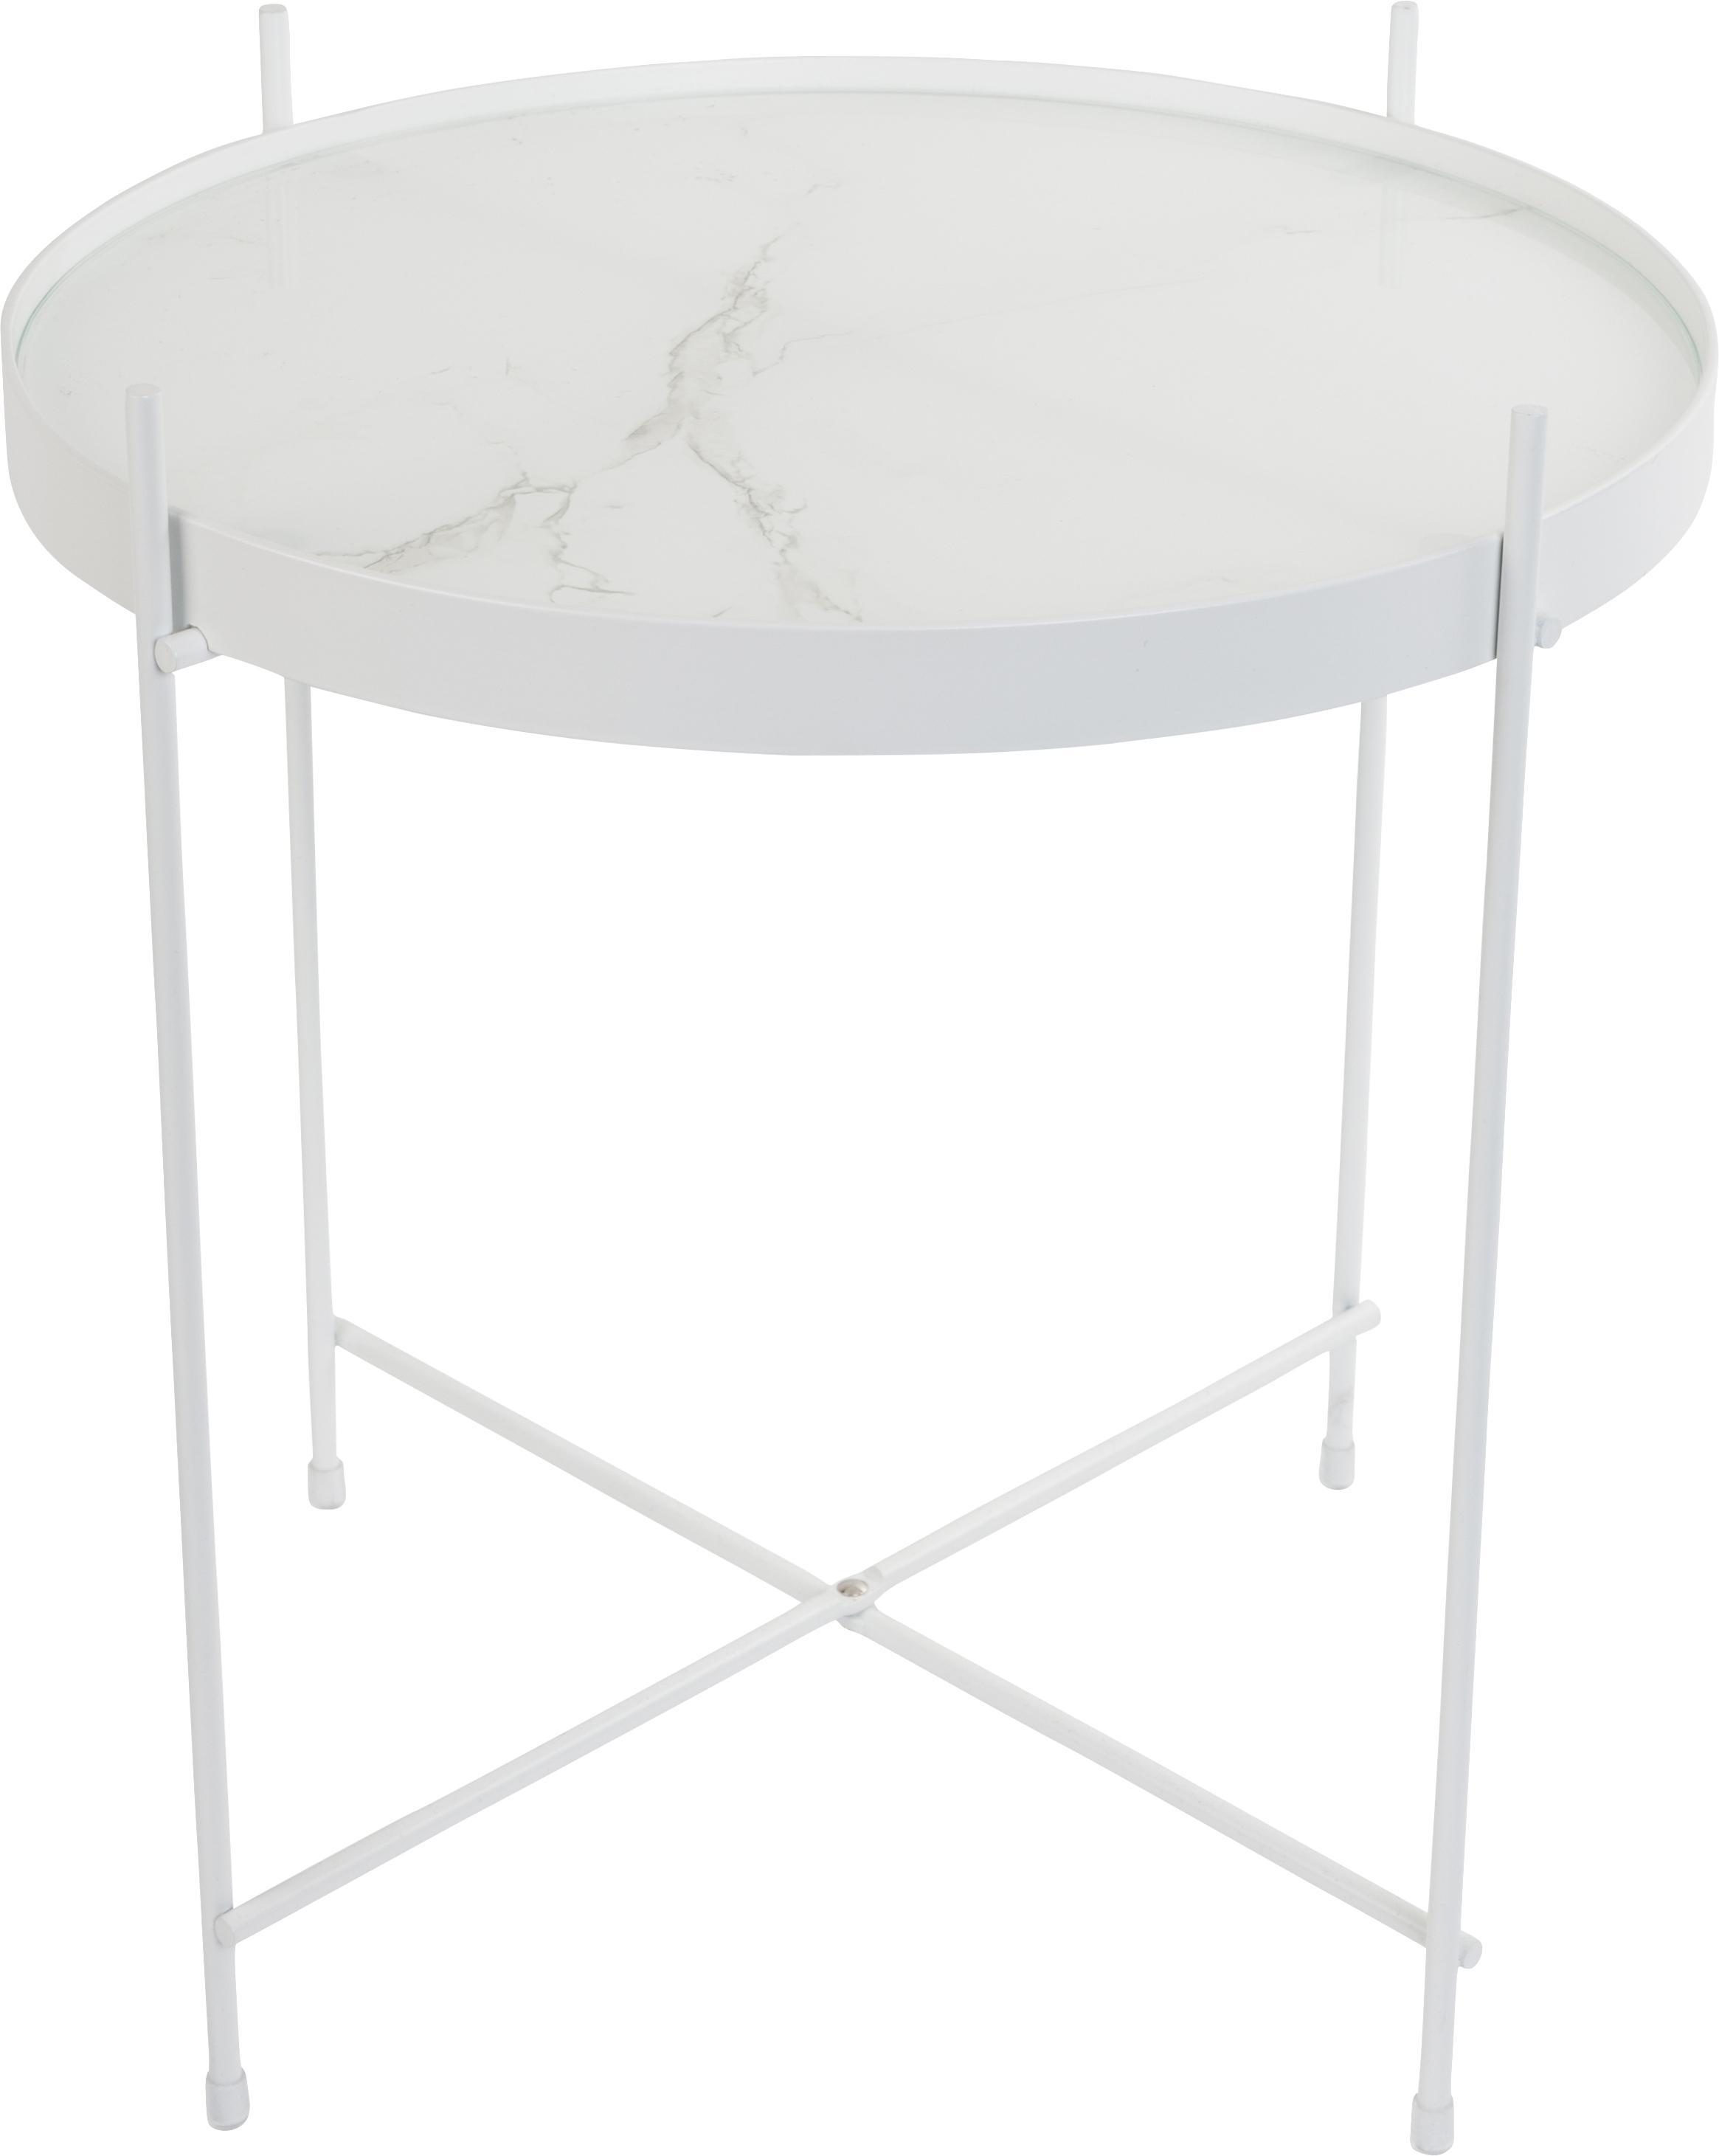 Tablett-Tisch Cupid mit Glasplatte, Gestell: Eisen, pulverbeschichtet, Tischplatte: Glasplatte mit Folie in M, Weiss, Ø 43 x H 45 cm